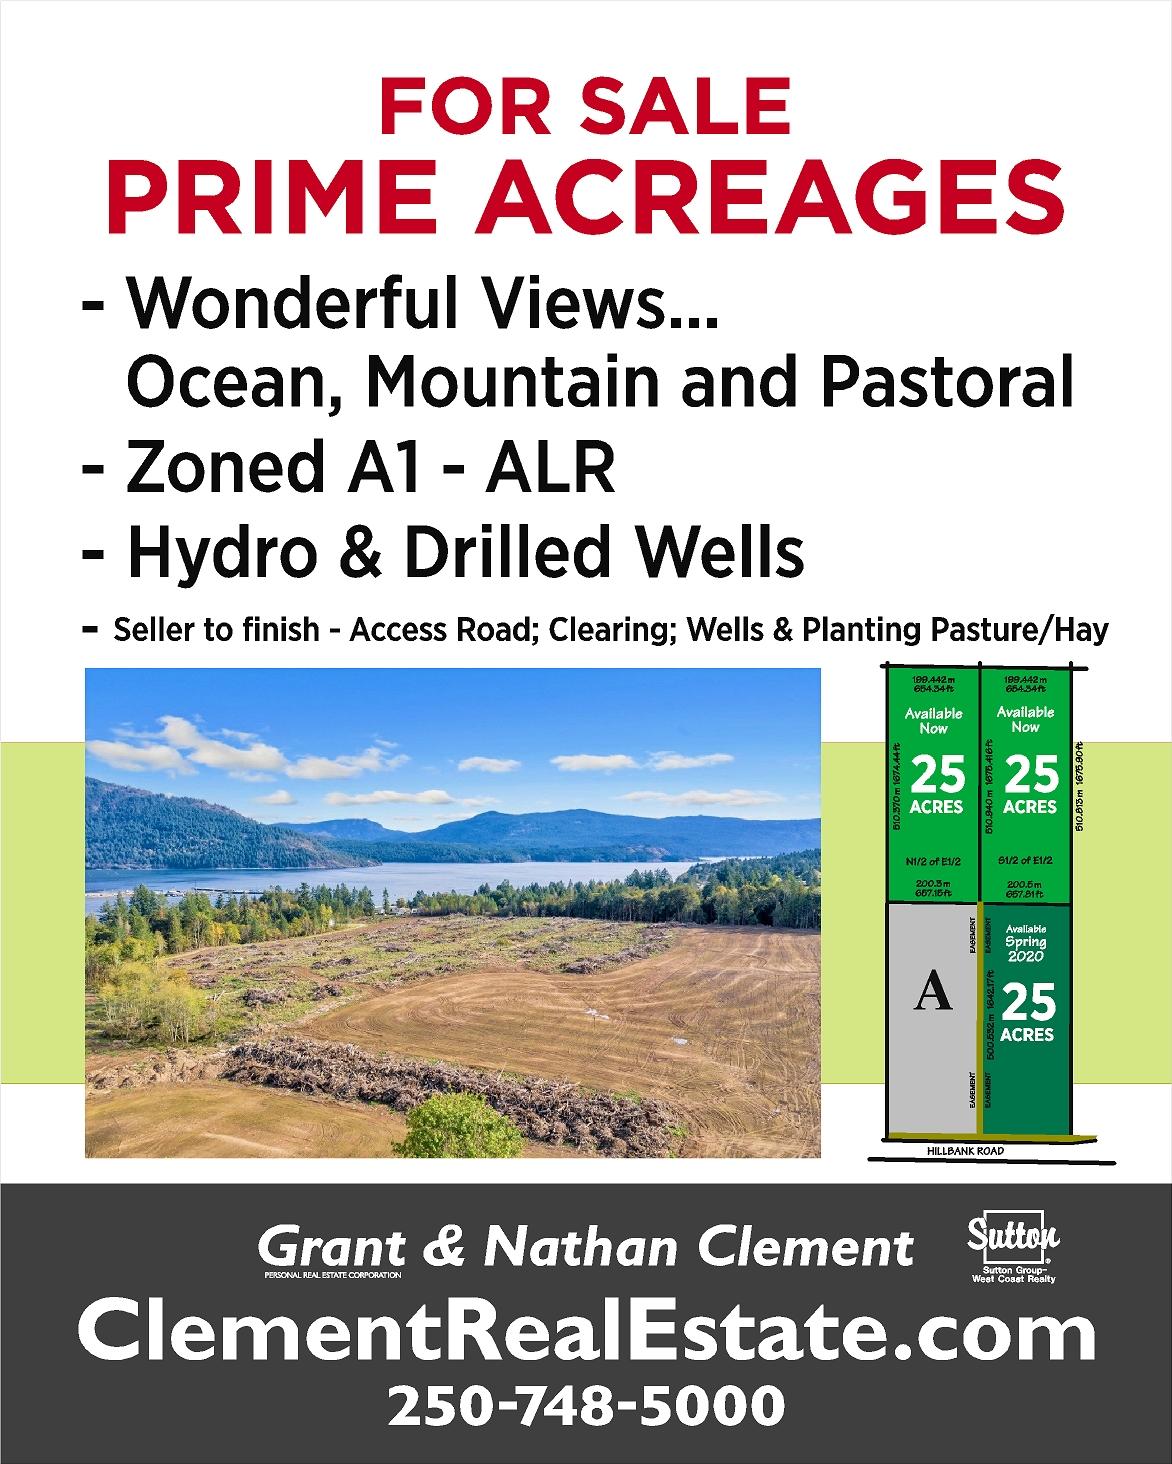 https://0901.nccdn.net/4_2/000/000/020/0be/prime-acreages-4x4.jpg